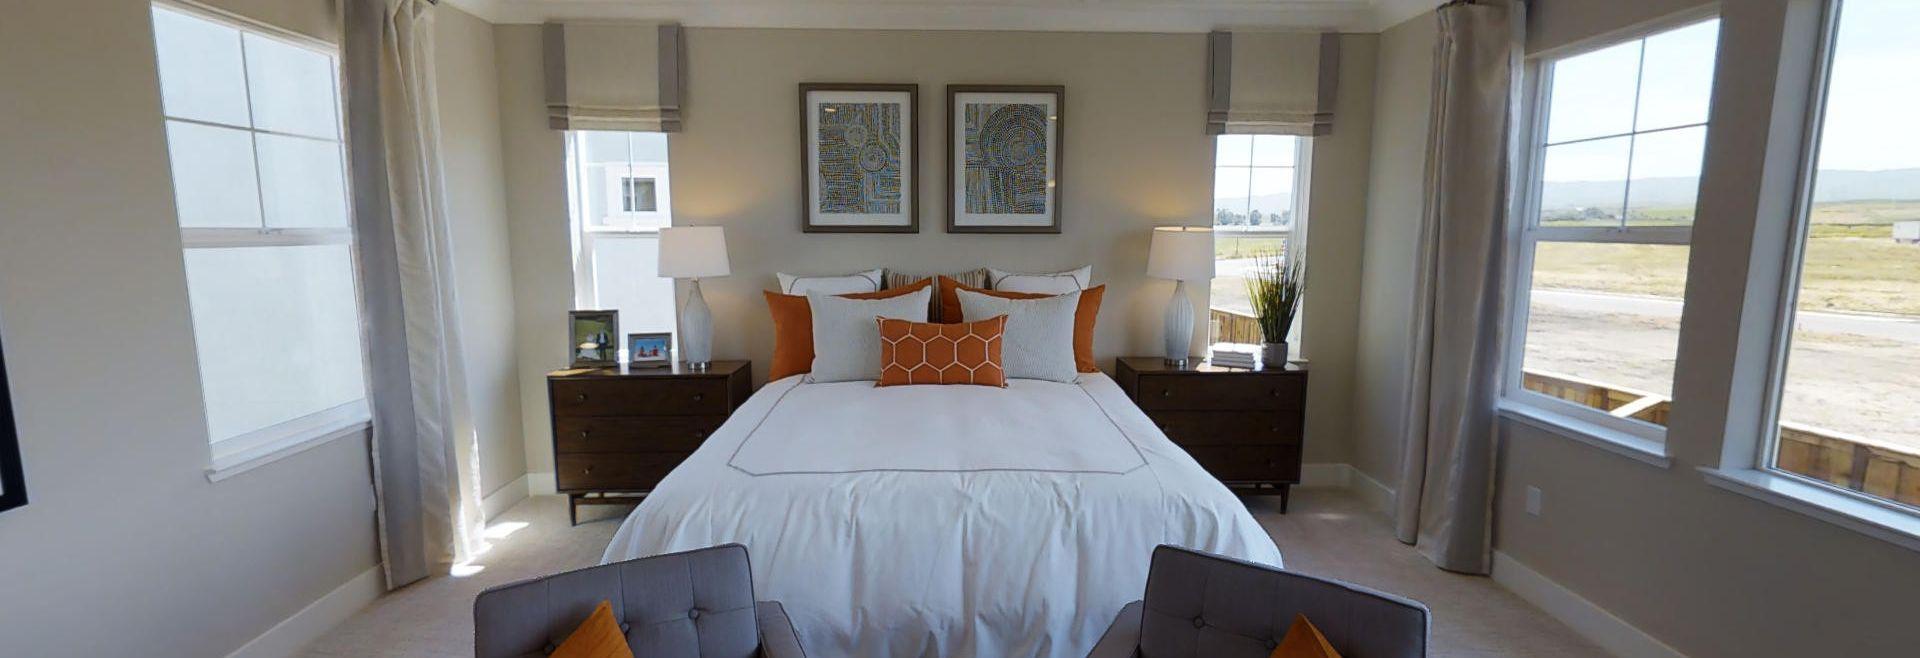 Ashford Plan 1 Master Bedroom